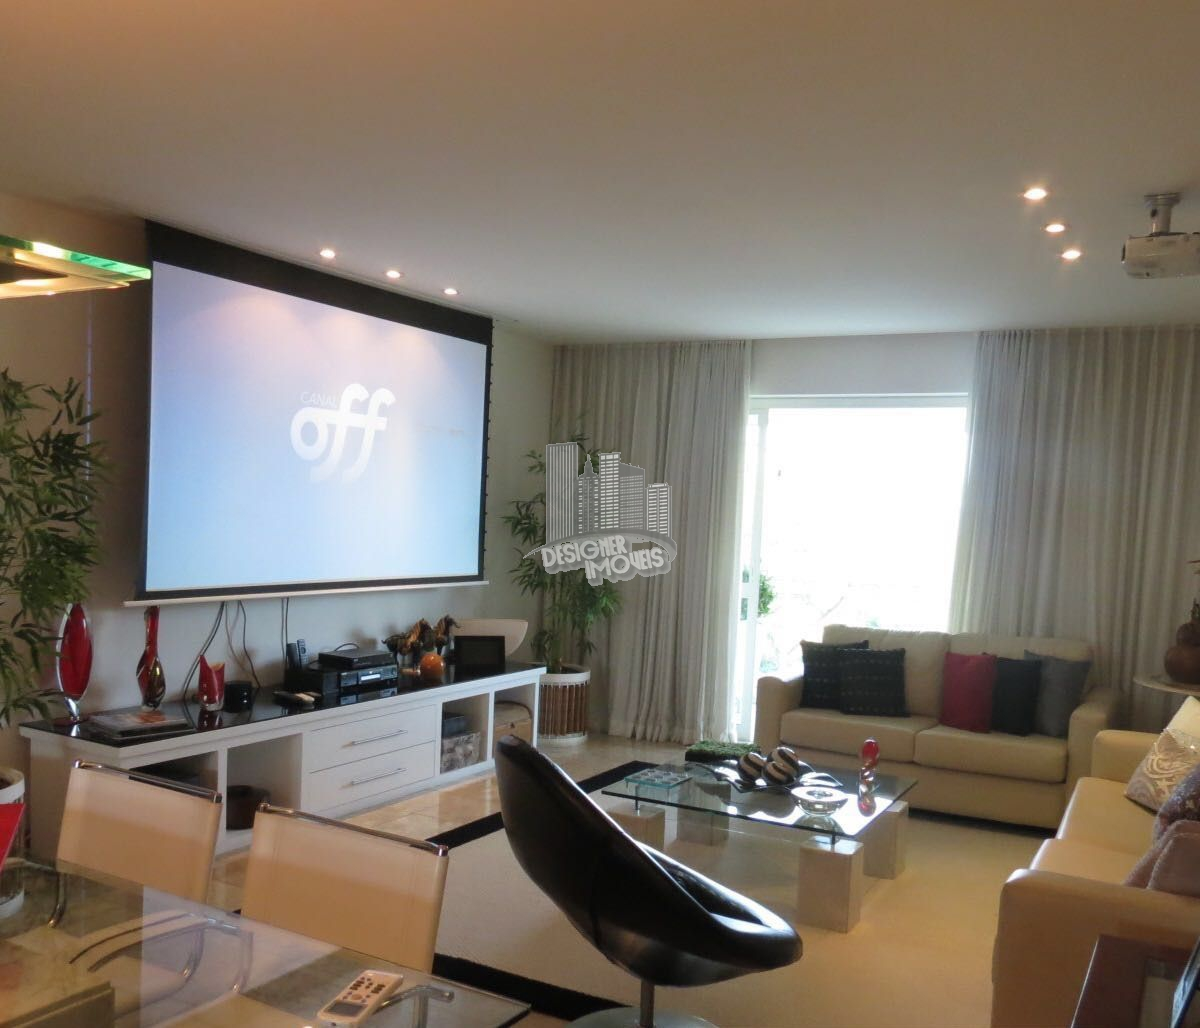 Apartamento Para Venda ou Aluguel no Condomínio Pedra de Itaúna - Rio de Janeiro - RJ - Barra da Tijuca - LRA4007 - 2